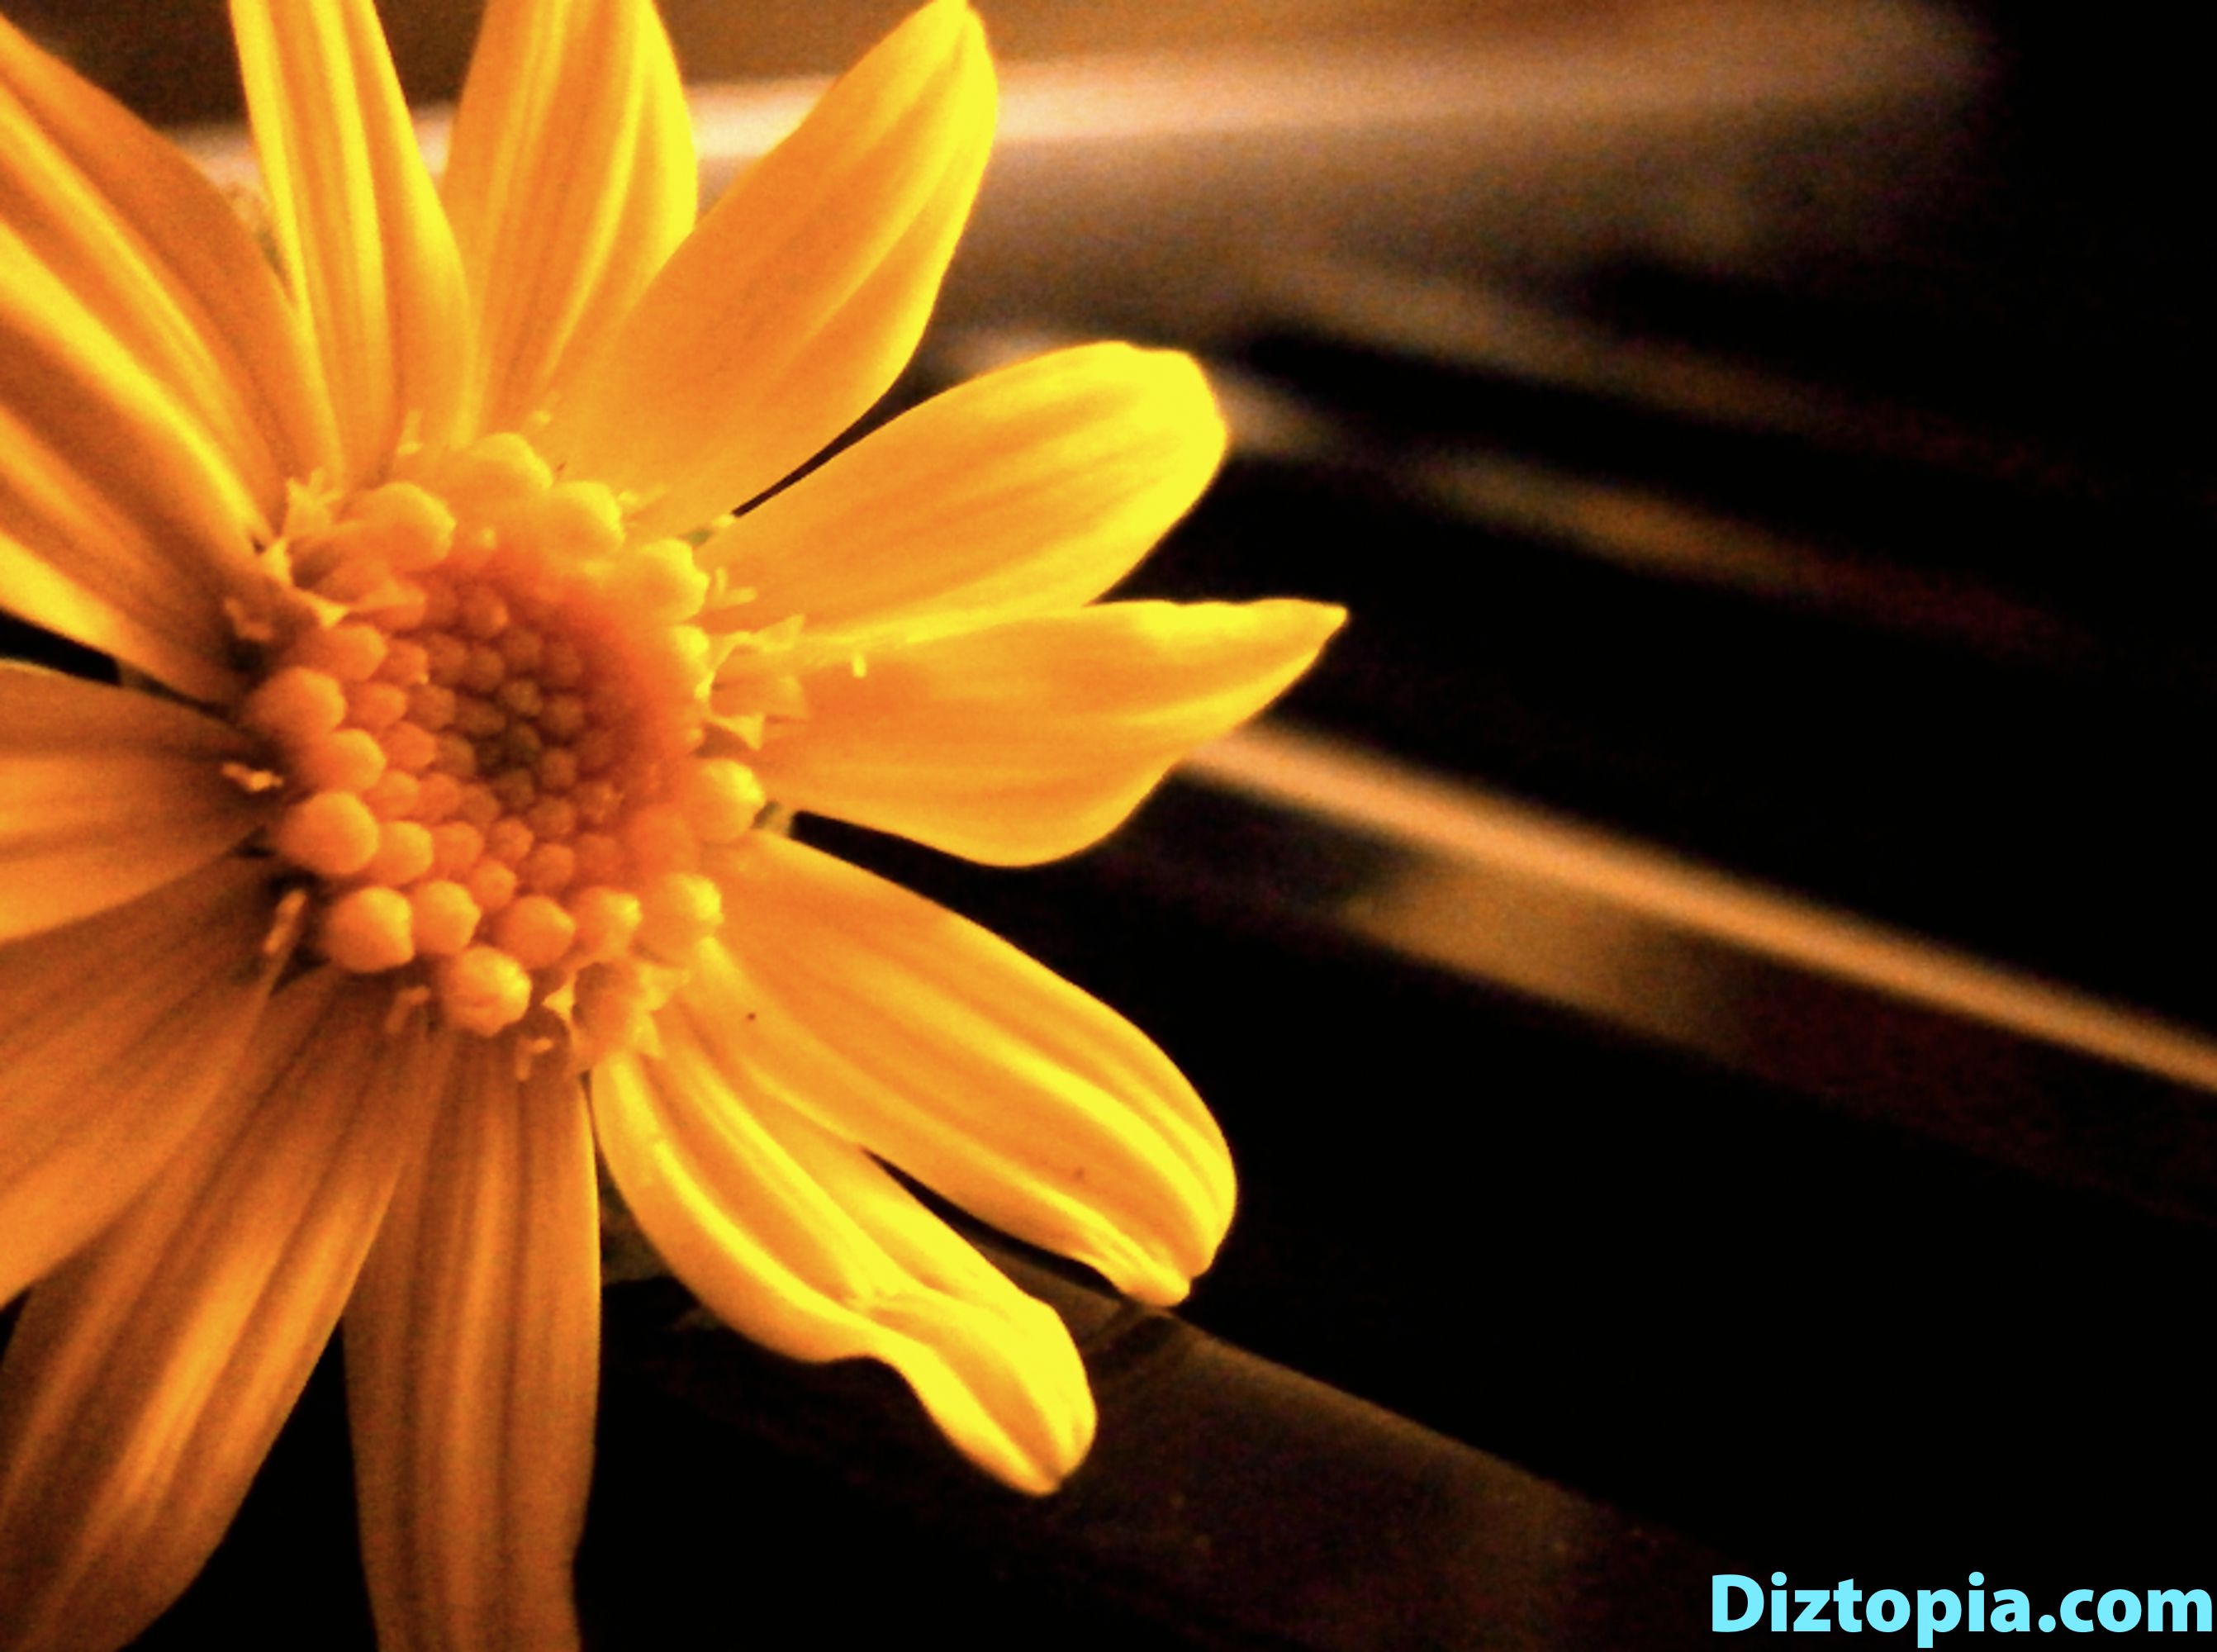 diztopia-com-dizma_dahl-photography-digicam-16